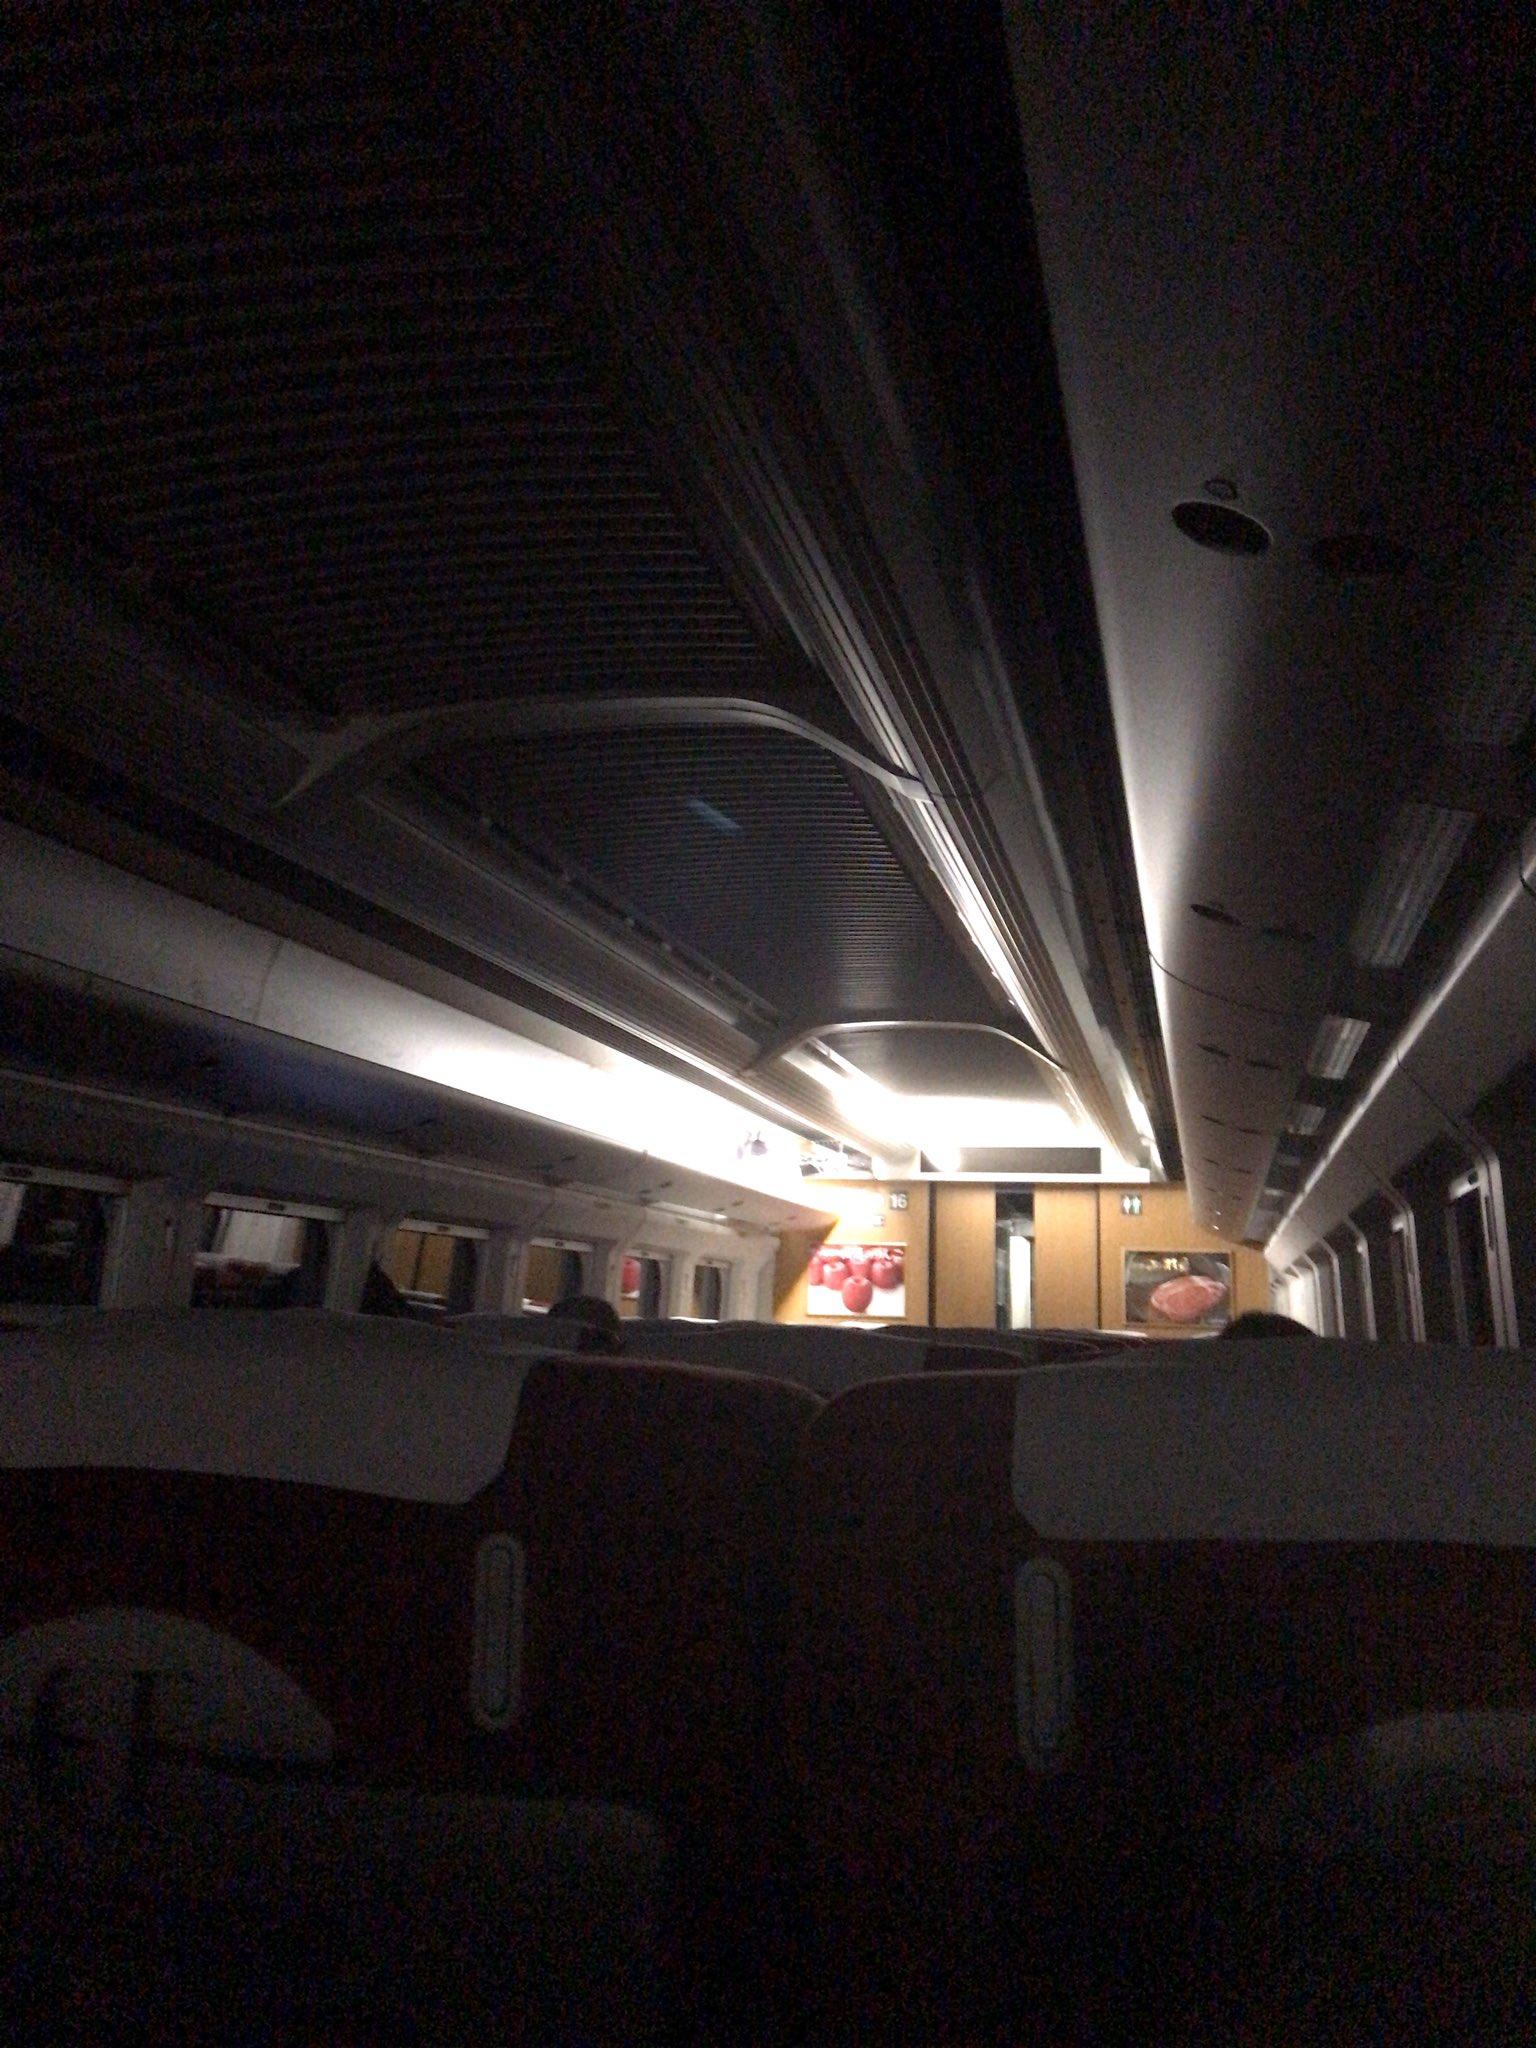 【何事?】走行中の東北新幹線が突如停電し緊急停車 複数の車両が一斉に 一体何があったのか